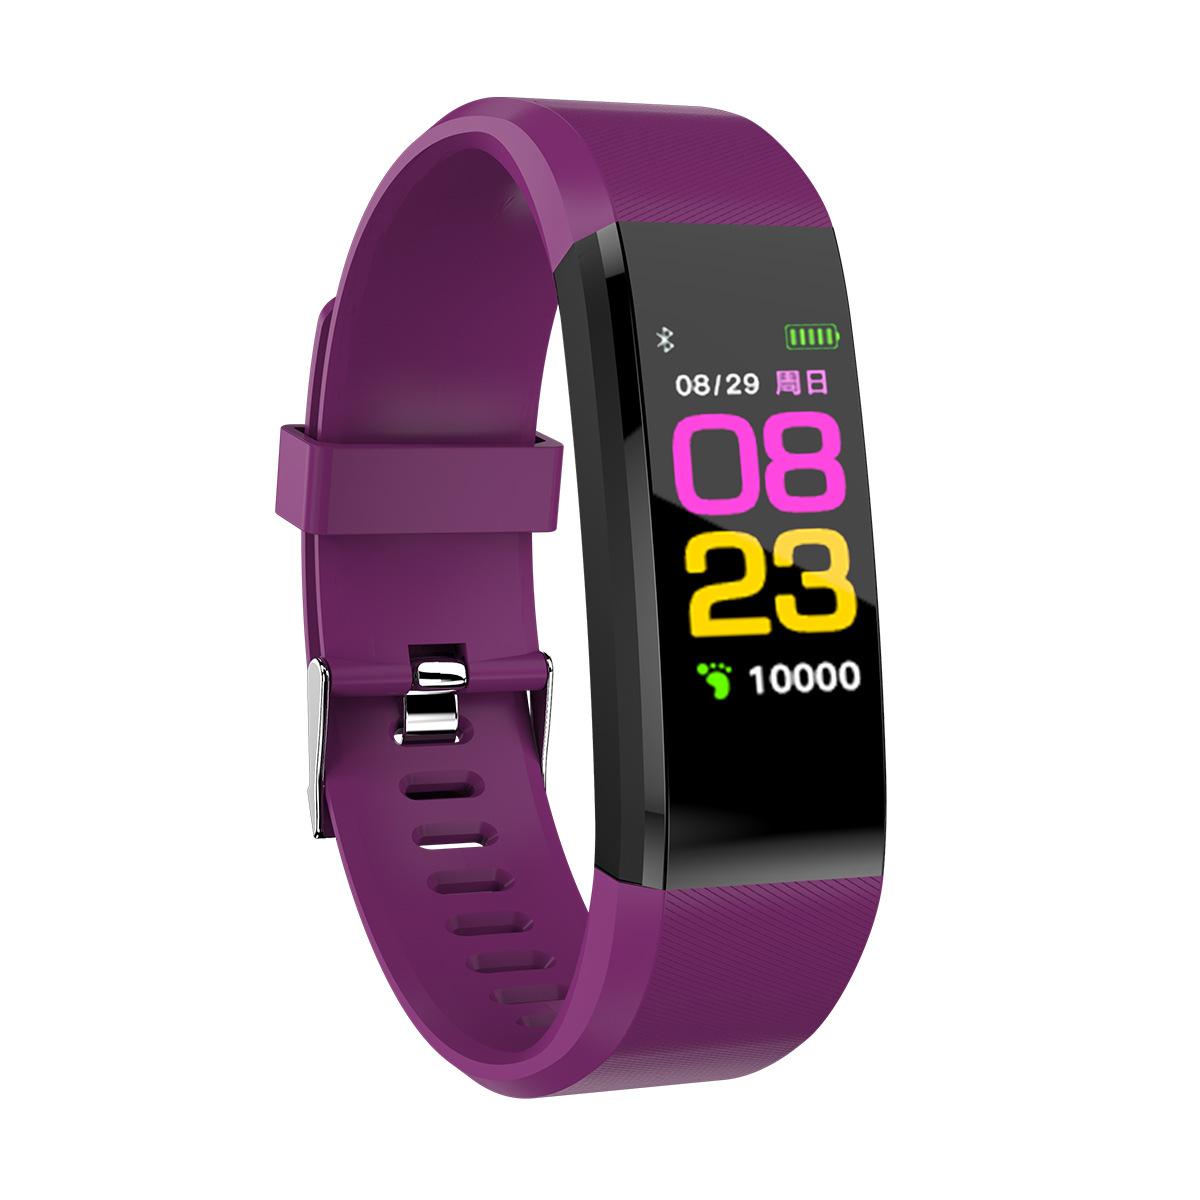 Vòng đeo tay thông minh ID115PLUS màn hình màu mới vòng đeo tay thể thao thông minh bước calorie xem